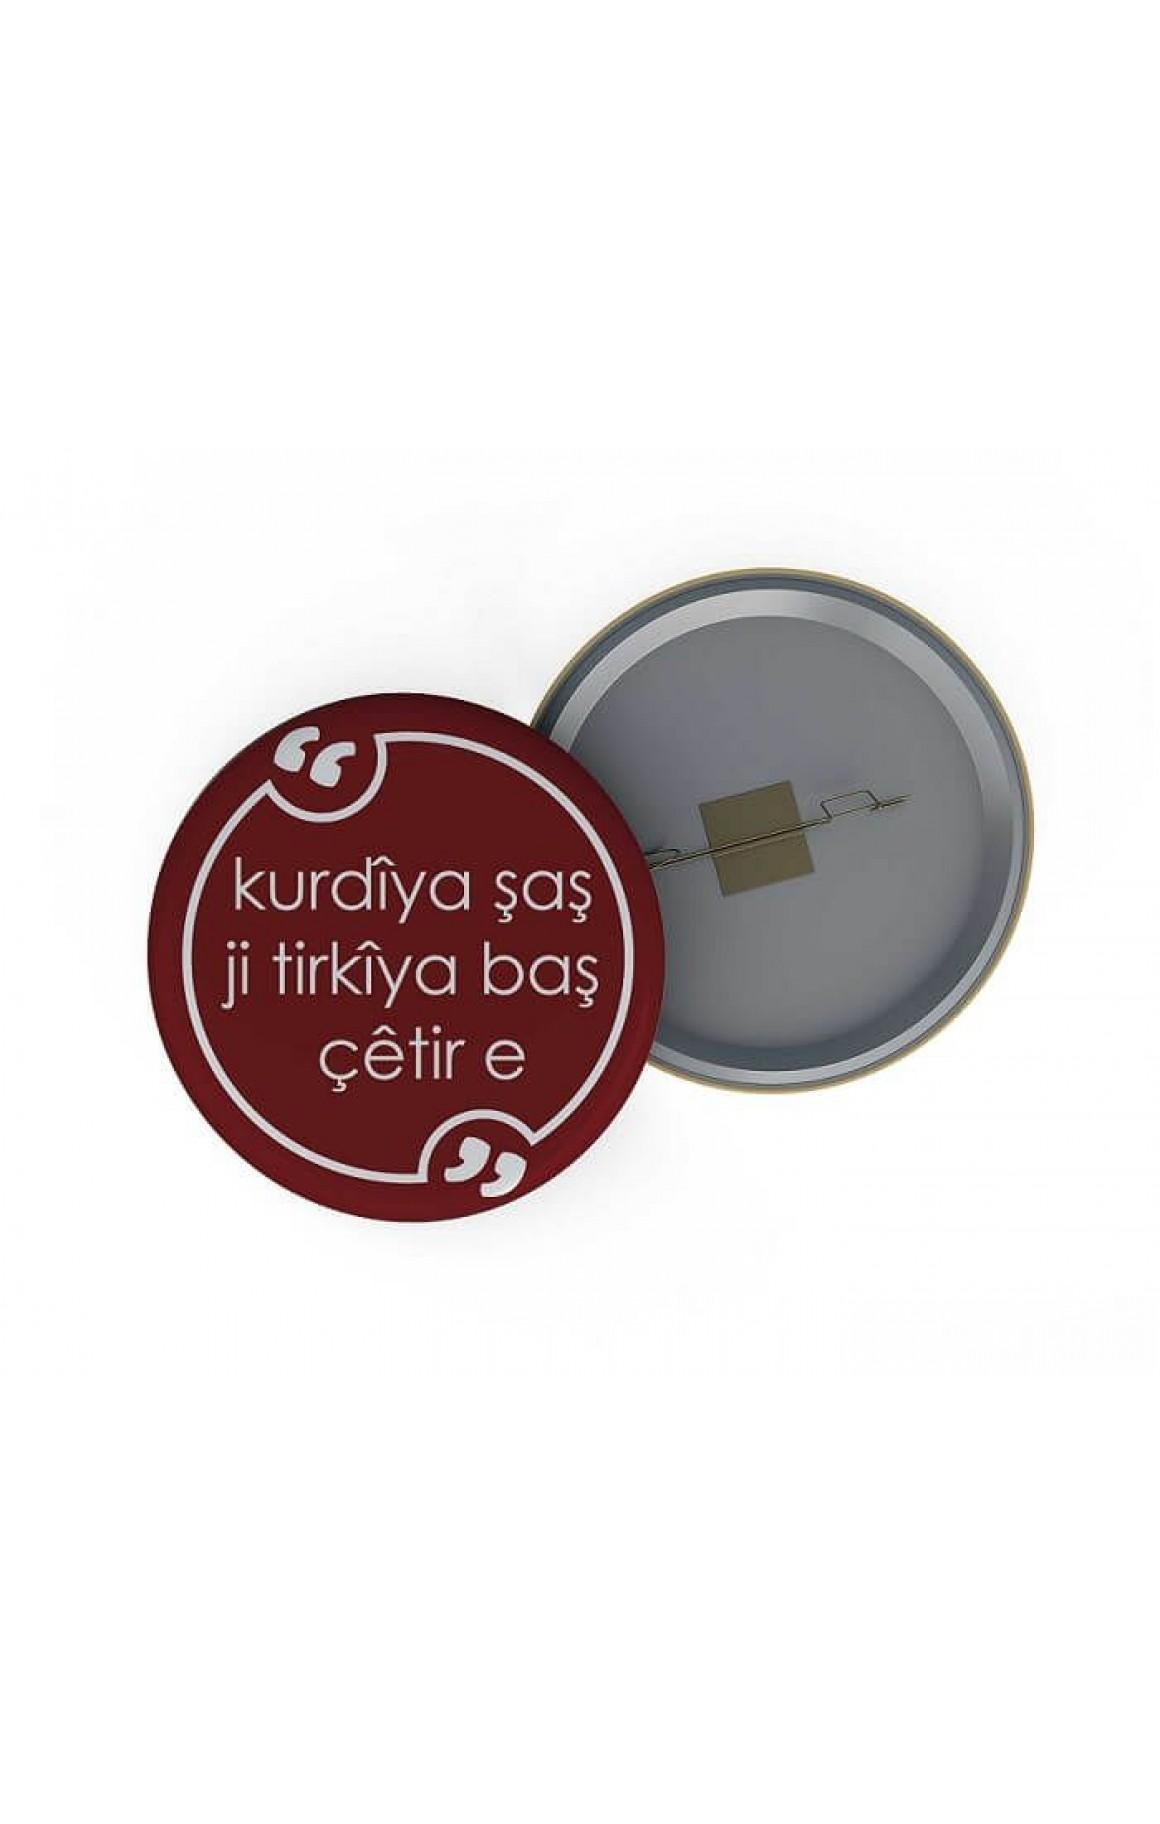 Rozet - kurdîya şaş Ji tirkîya baş çêtir e